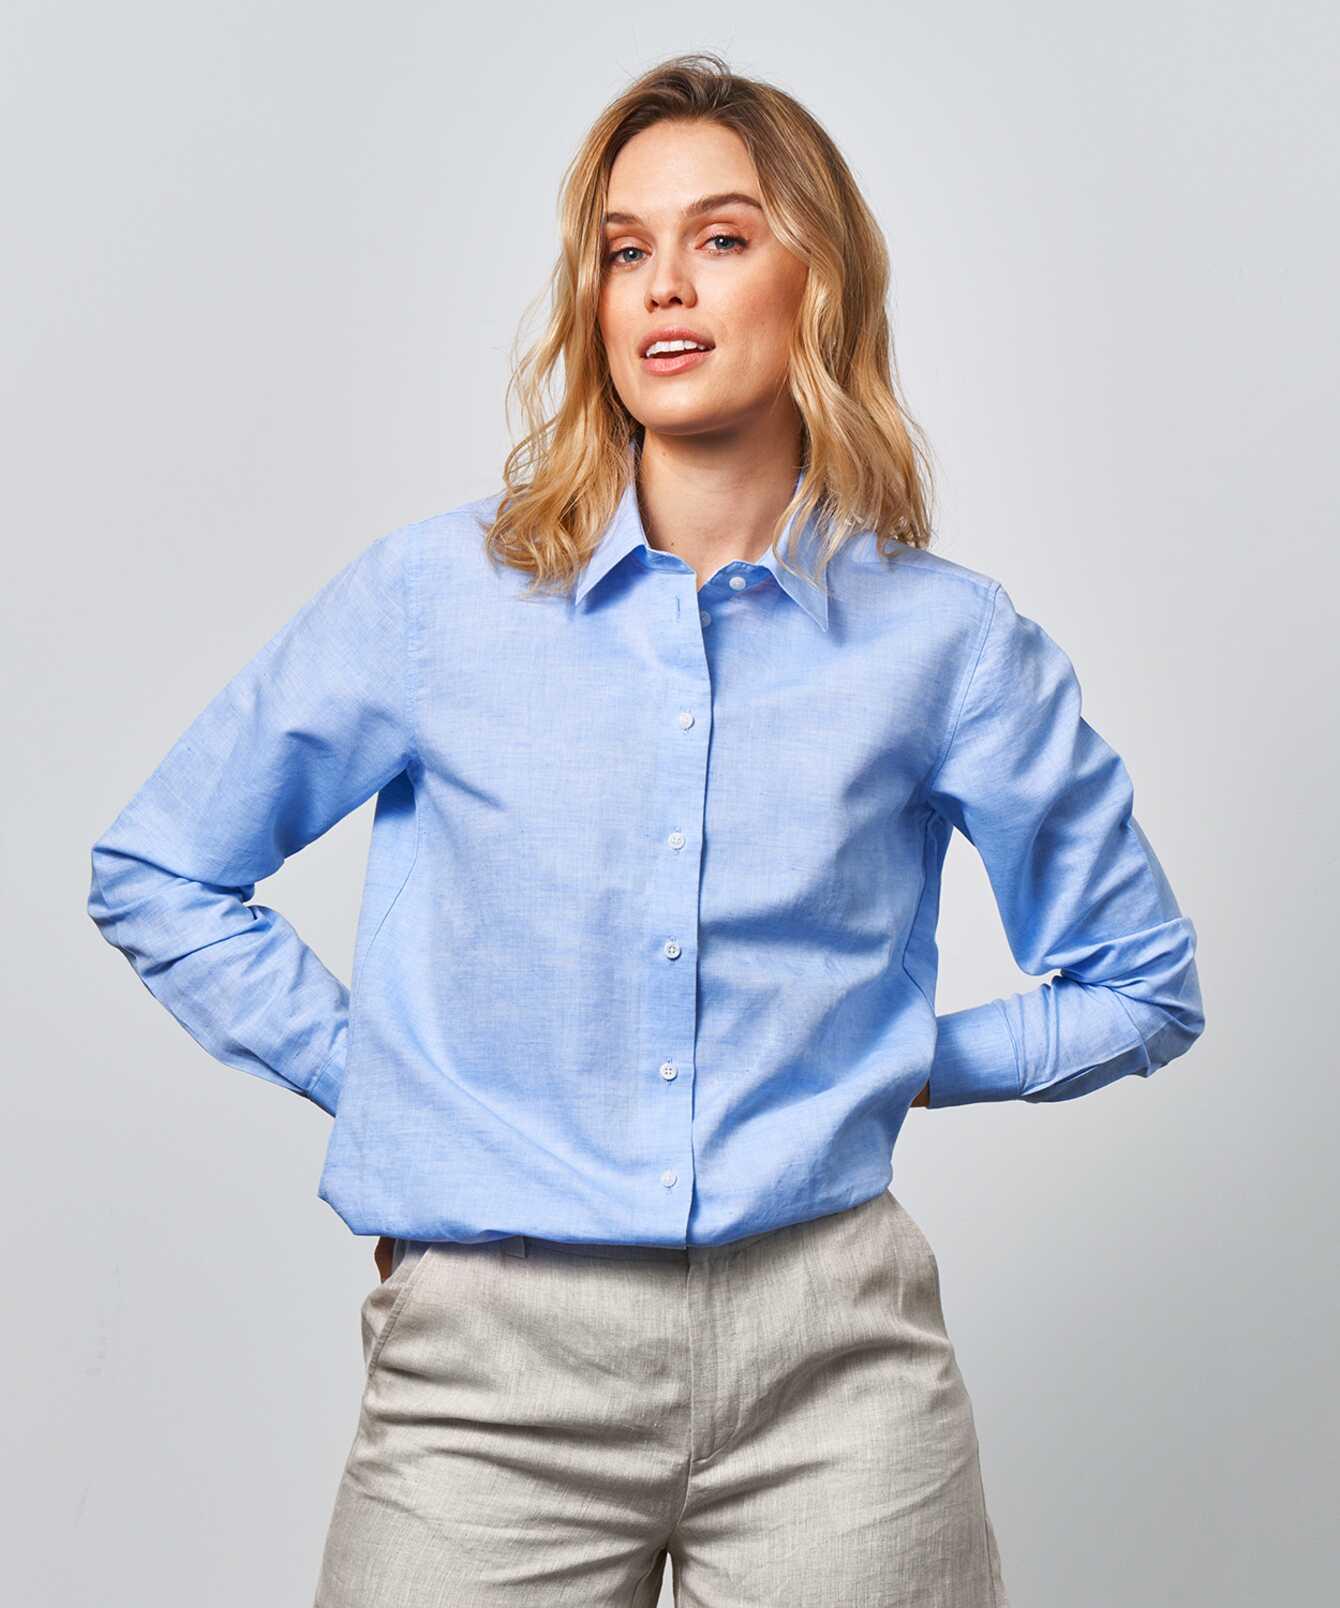 Skjorta Mickan Portofino Ljusblå The Shirt Factory